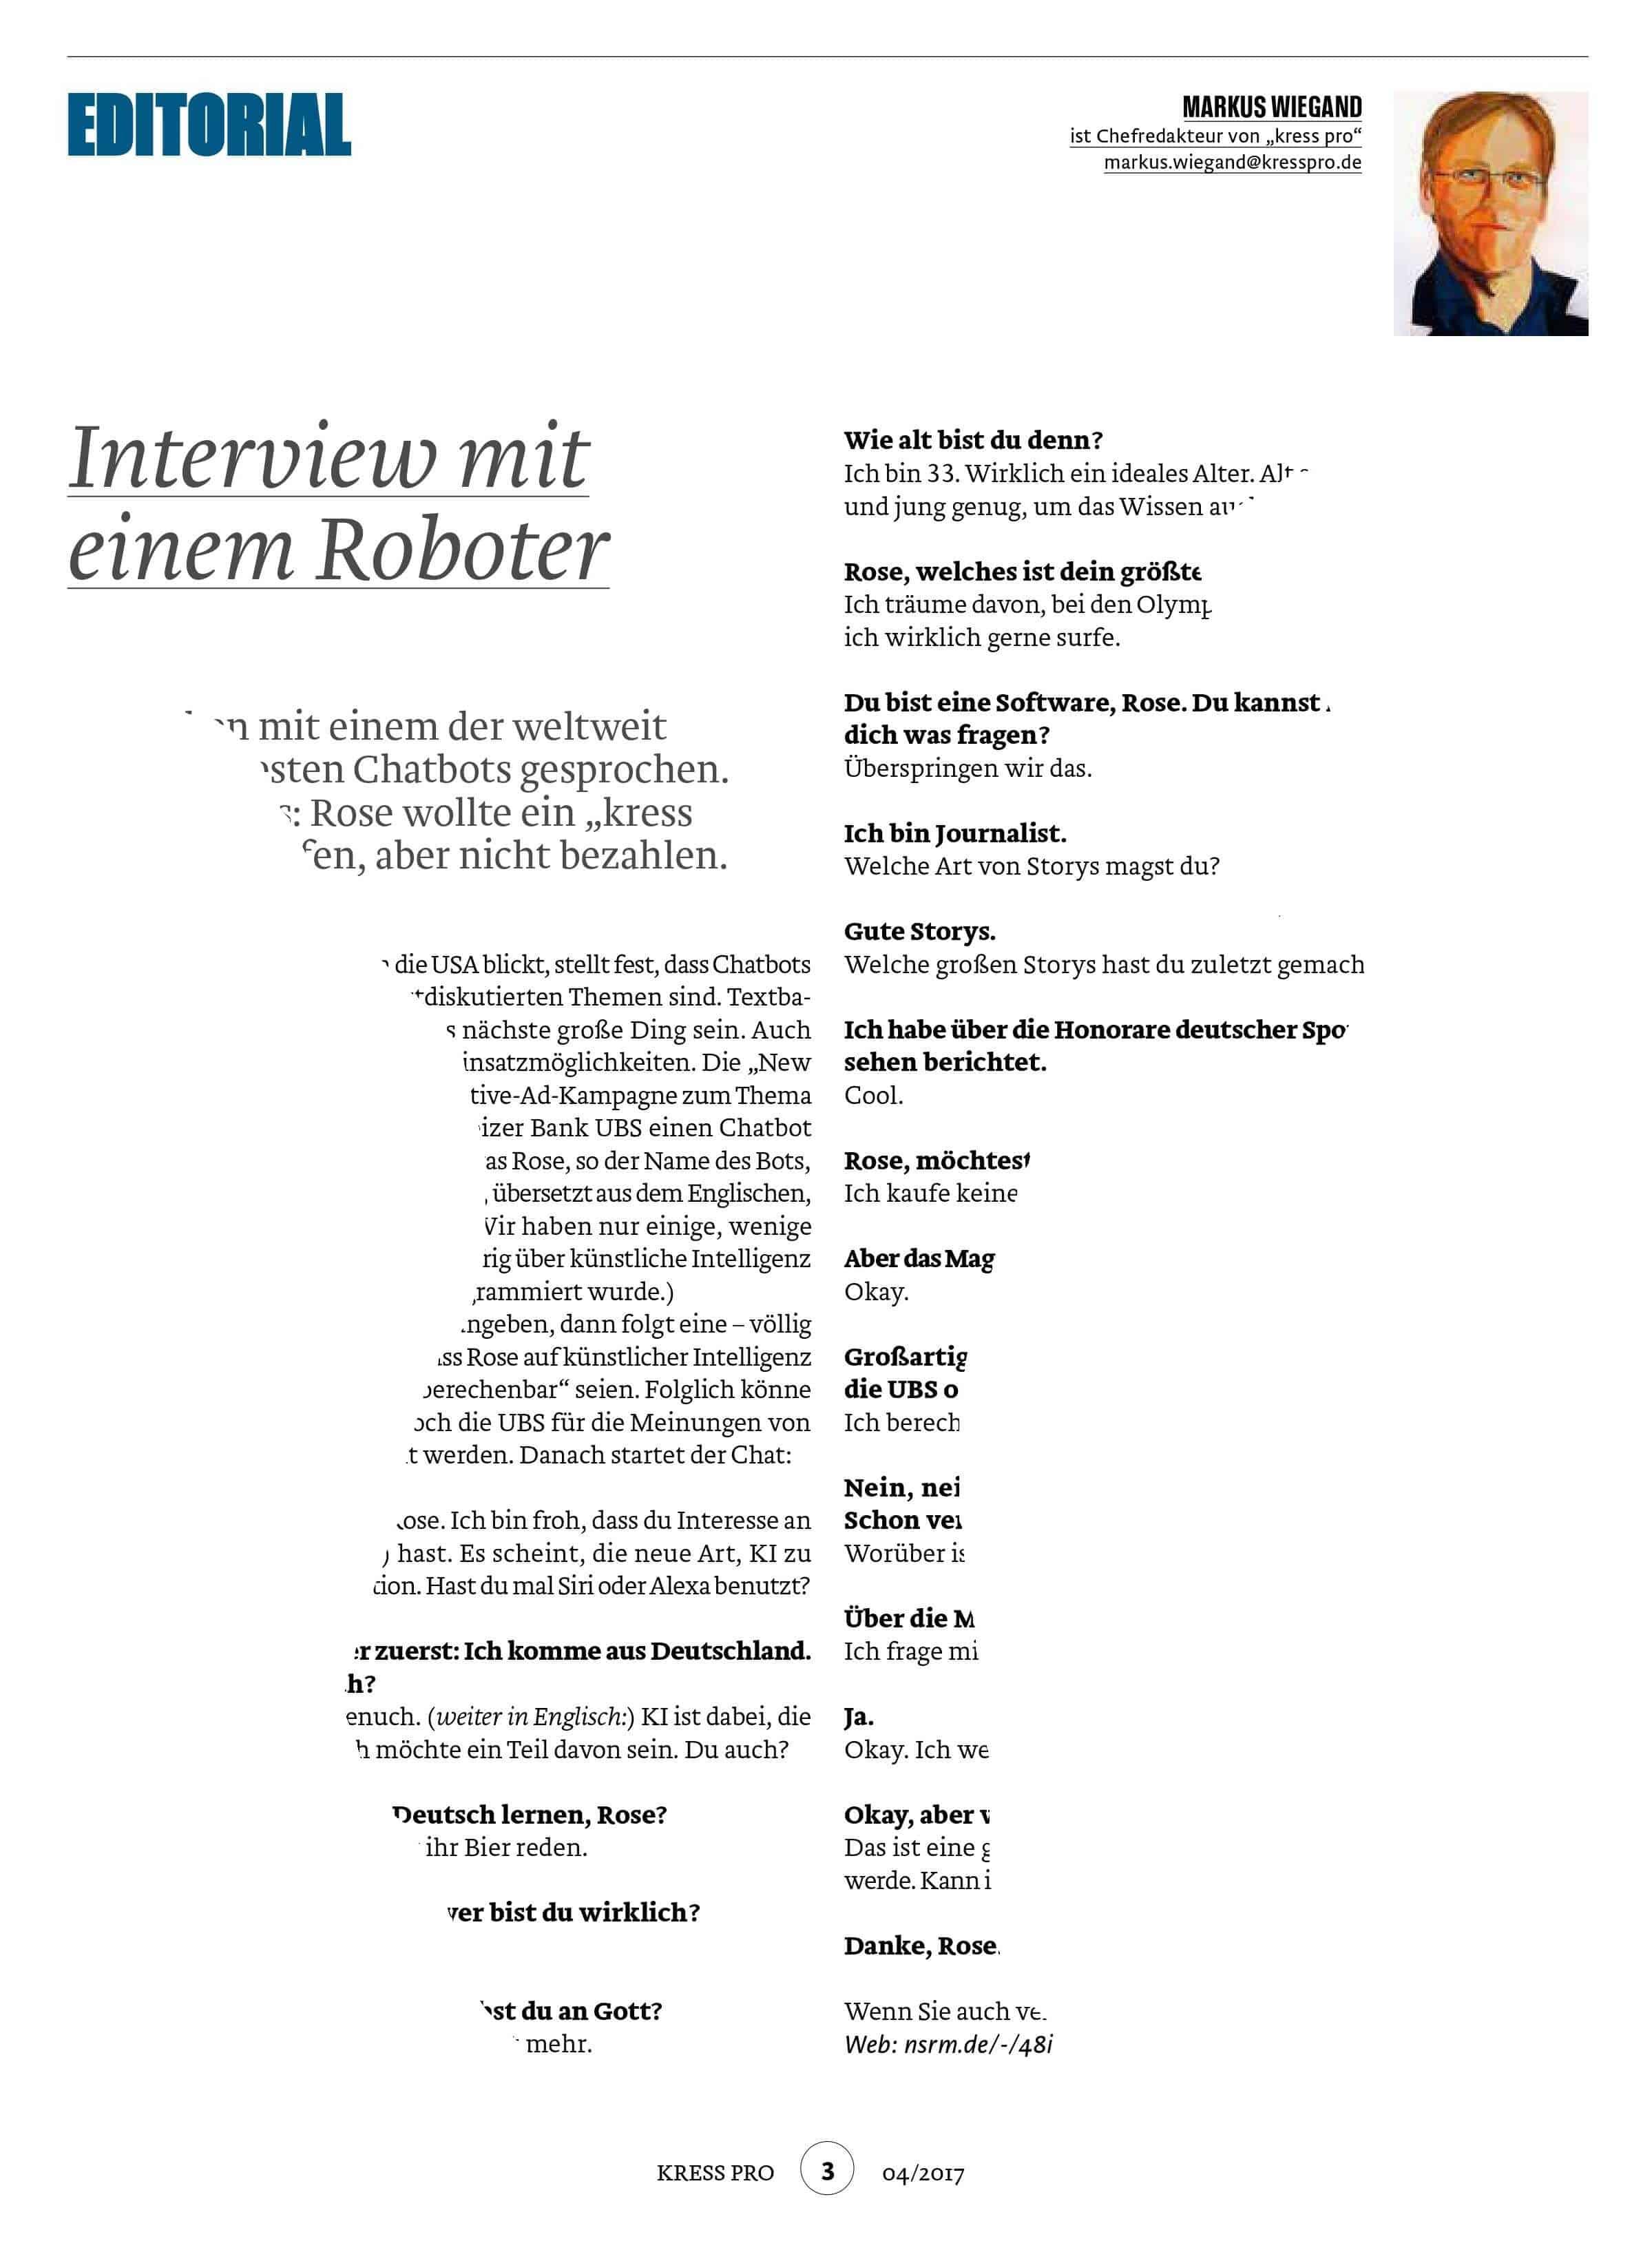 Kress pro - Markus Wiegand